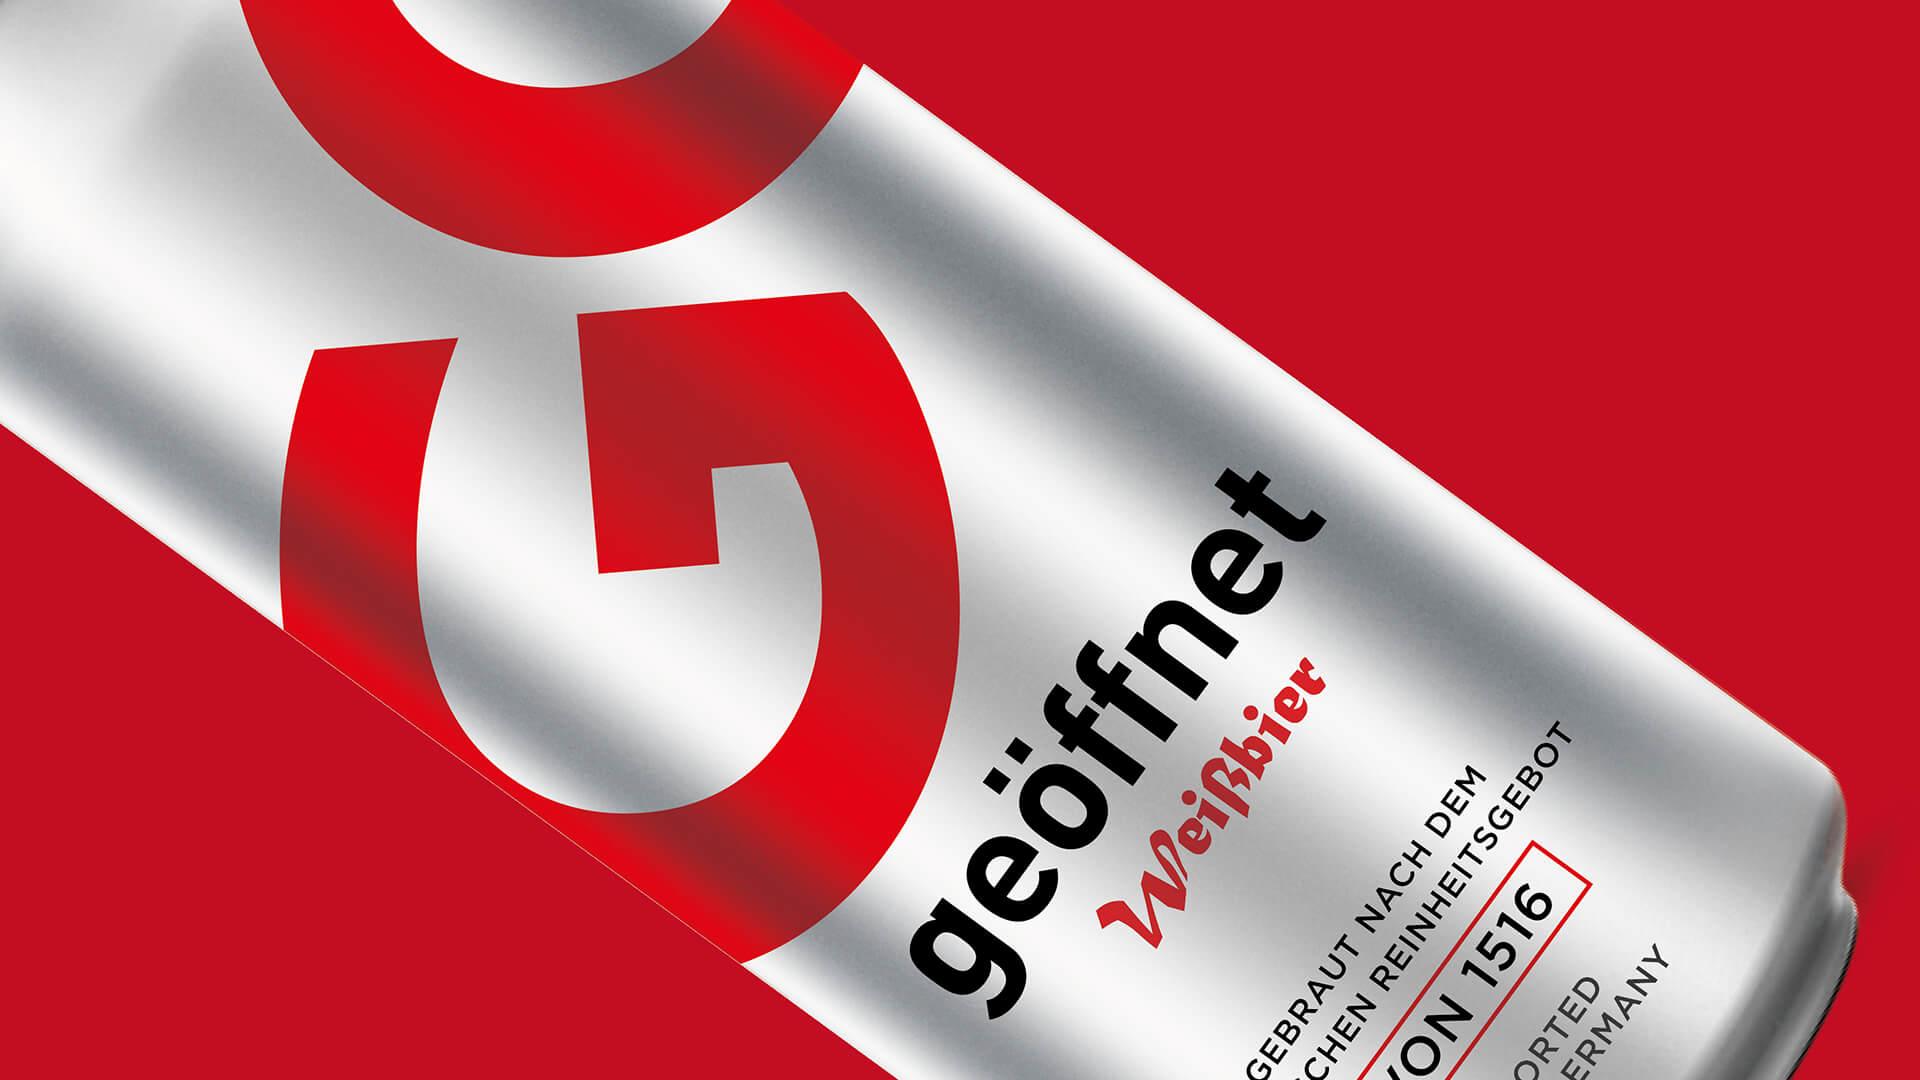 GO geöffnet啤酒包装设计